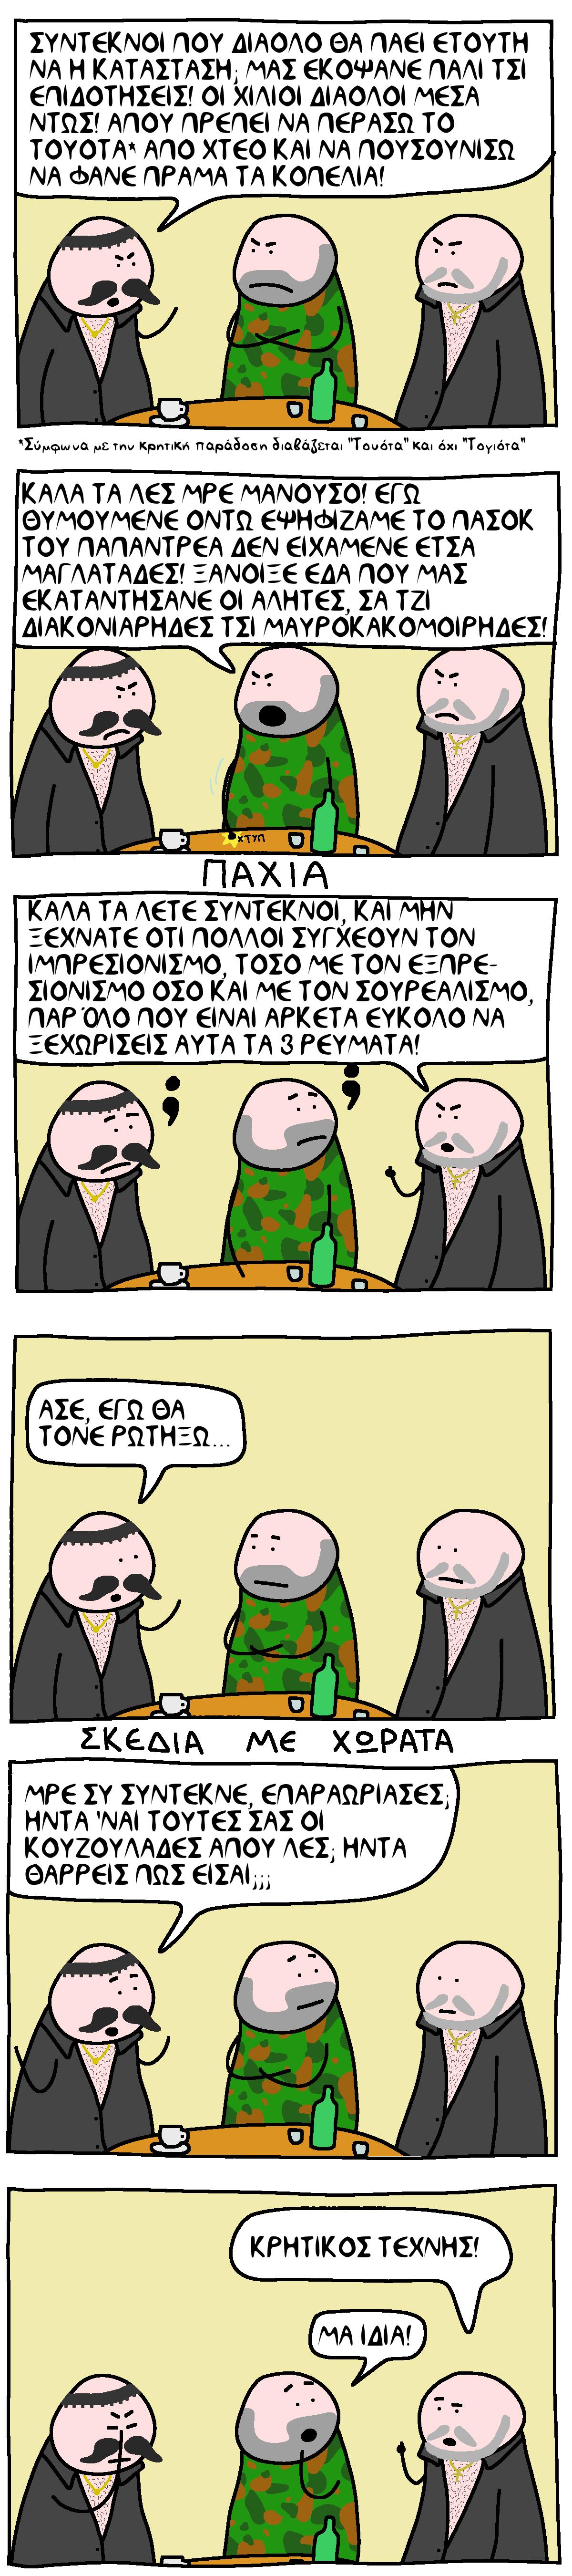 kritikos